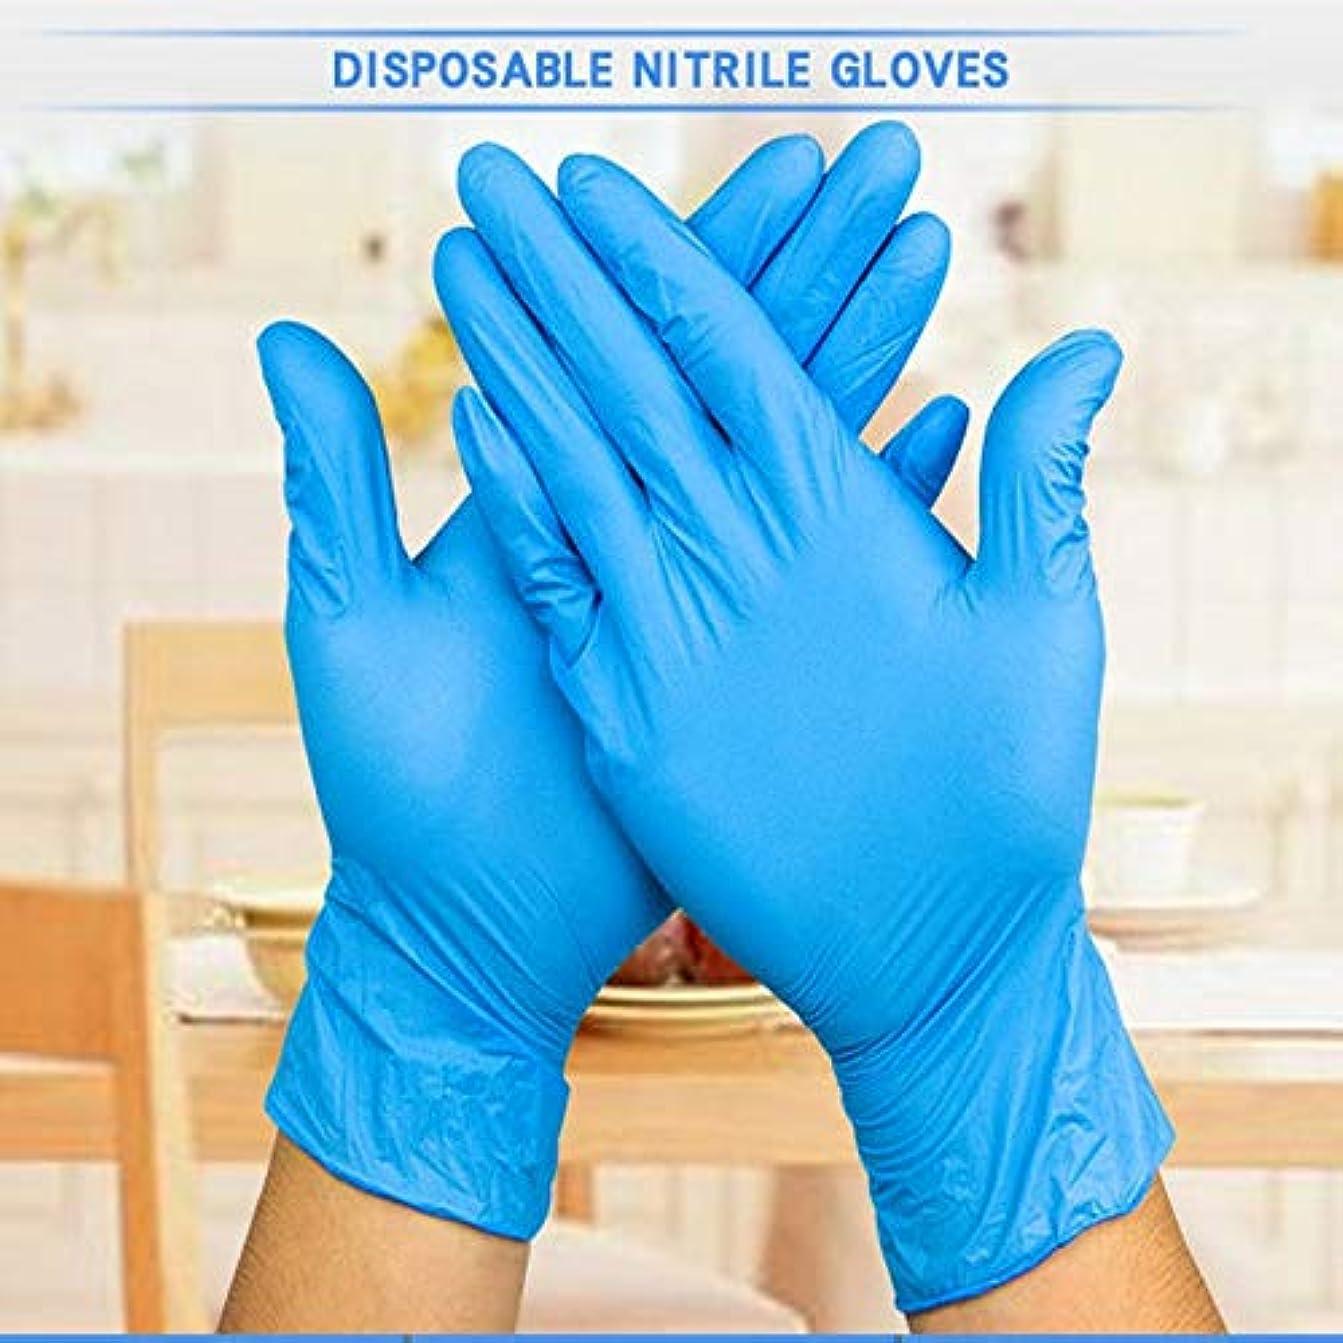 美人該当する盗賊ニトリル医療グレード試験用手袋、使い捨て、ラテックスフリー、100カウント衛生手袋 (Color : Blue, Size : L)